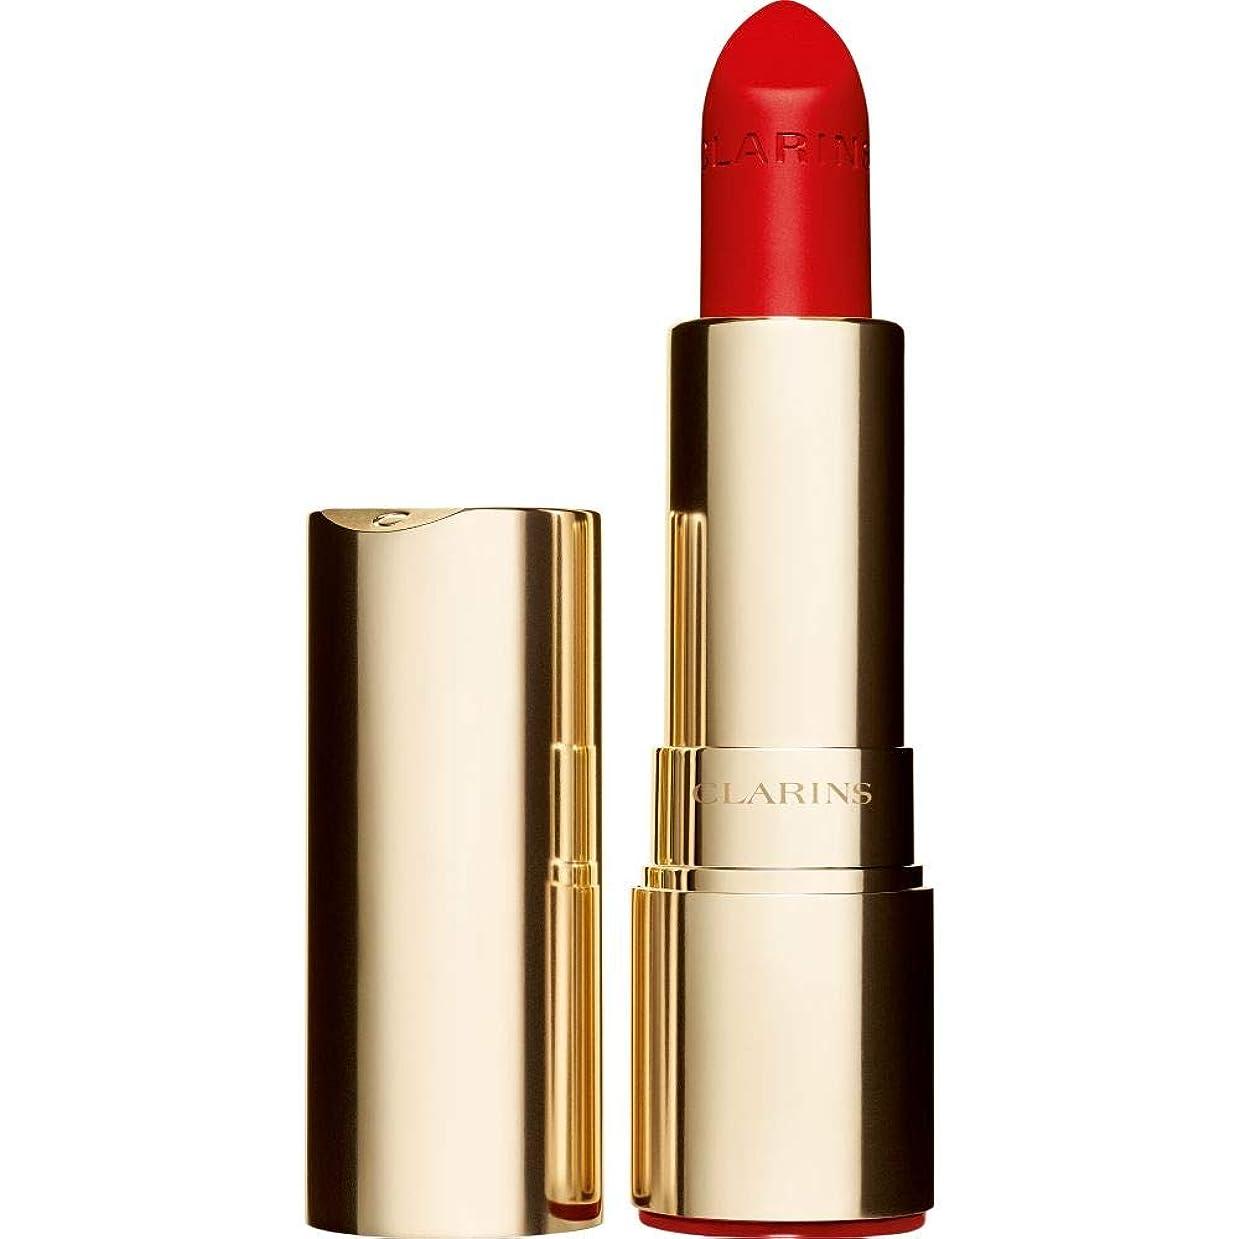 に対応忠実に幻想的[Clarins ] クラランスジョリルージュのベルベットの口紅3.5グラムの741V - 赤、オレンジ - Clarins Joli Rouge Velvet Lipstick 3.5g 741V - Red Orange [並行輸入品]